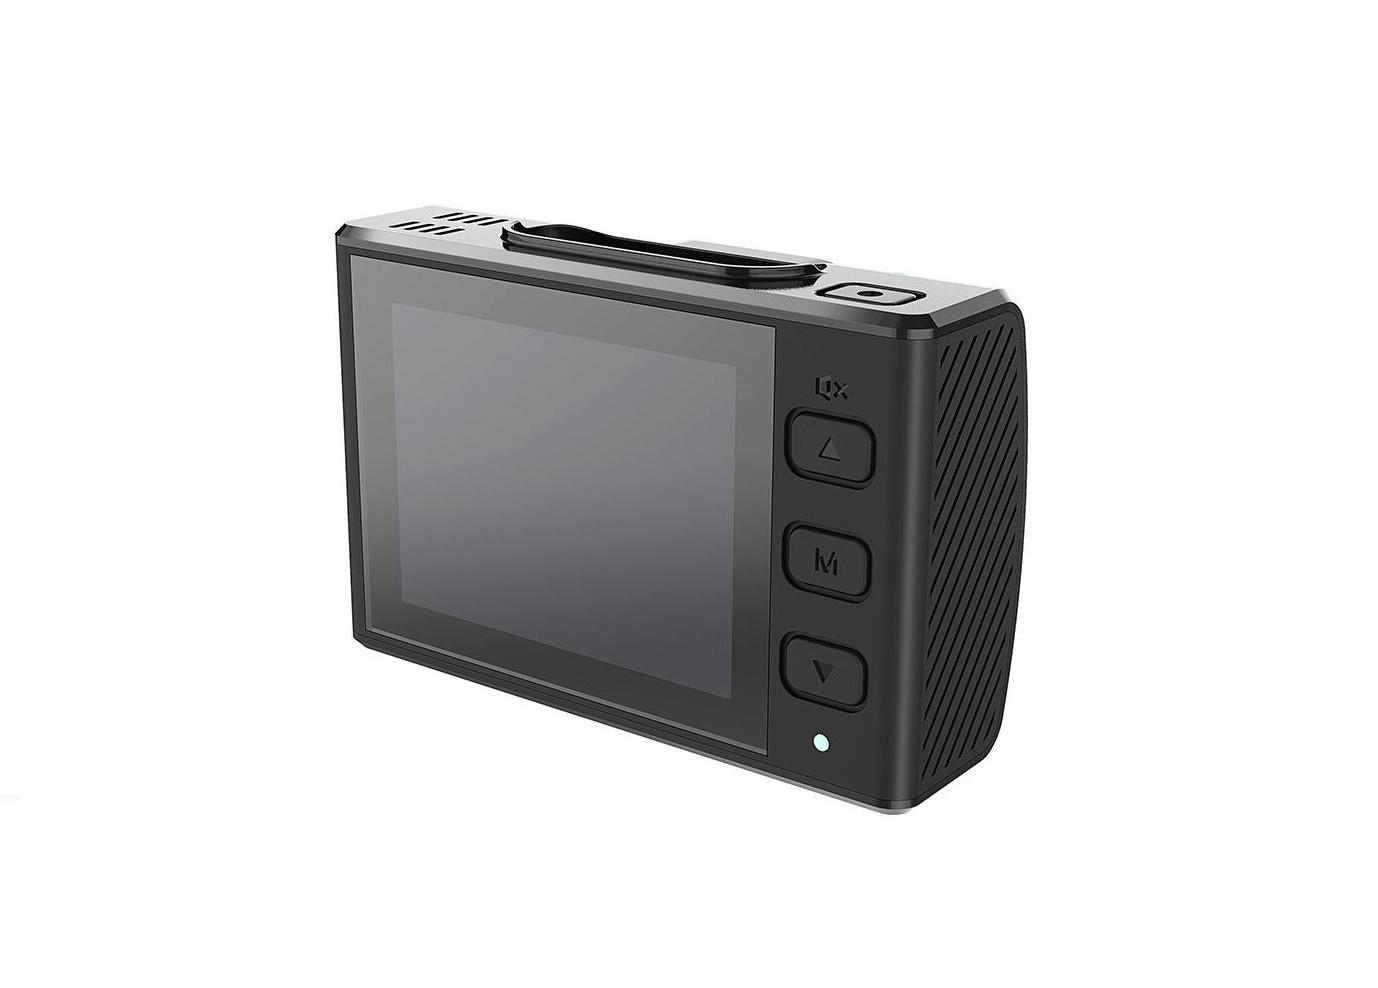 Silverstone F1 A90-GPS CROD poliscan - отзывы